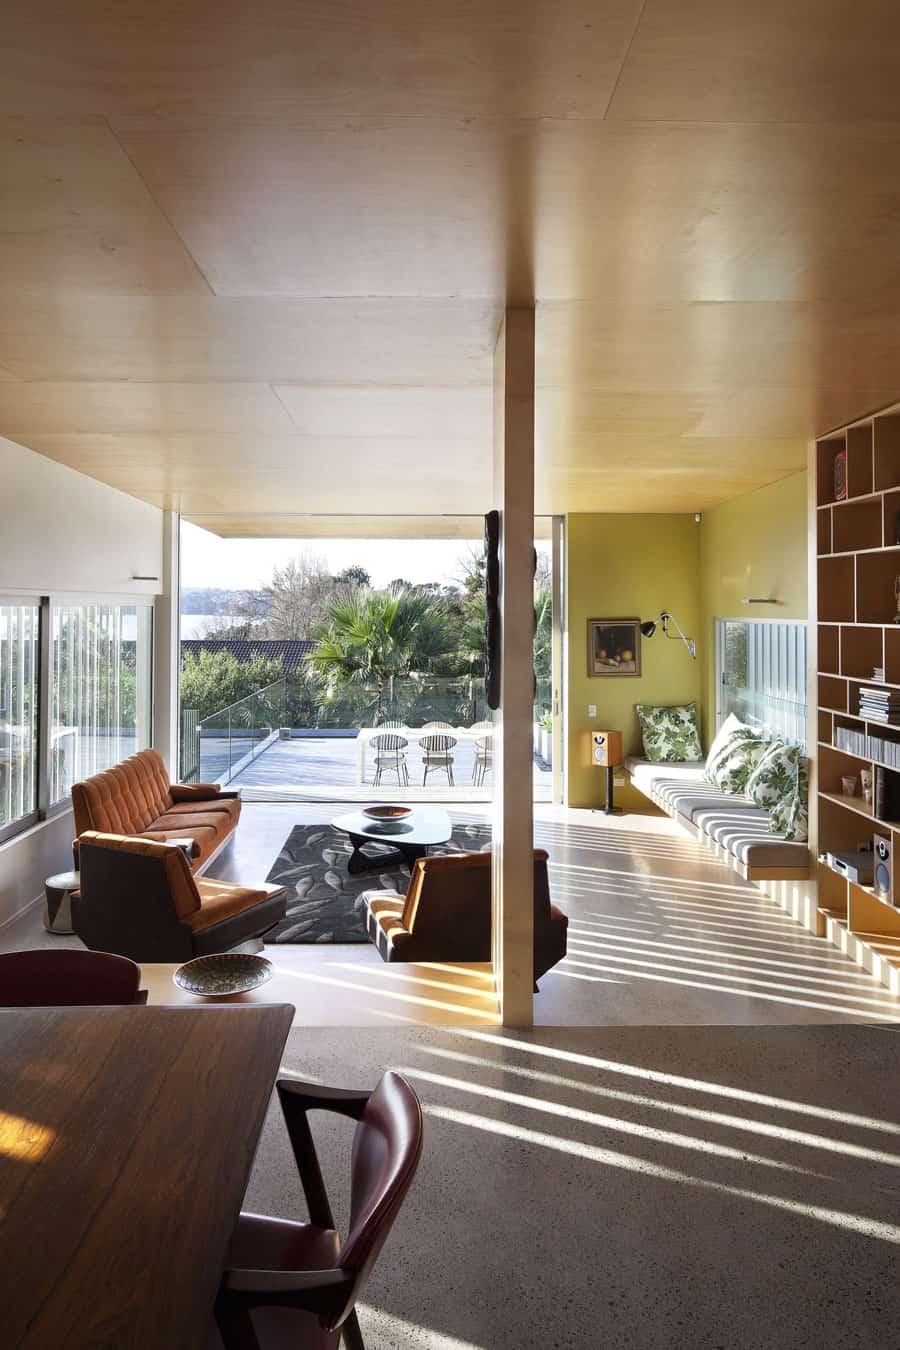 View in gallery modern architecture versus vintage interior 2 thumb 630x944 22679 modern architecture versus vintage interior